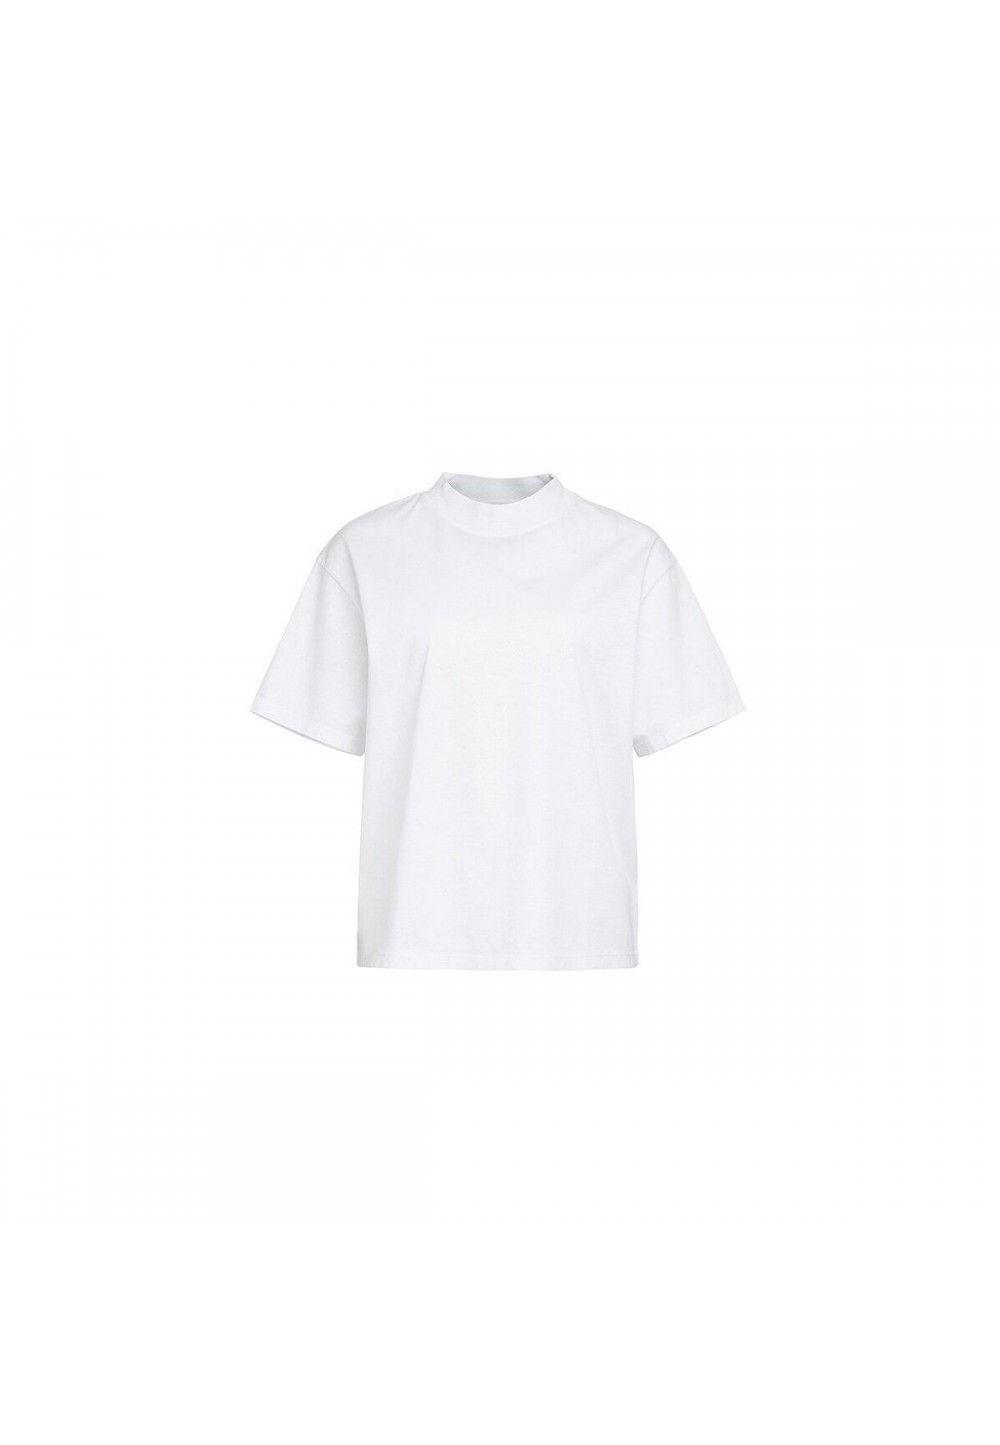 Женская белая футболка KALIA_P2 с графическим принтом